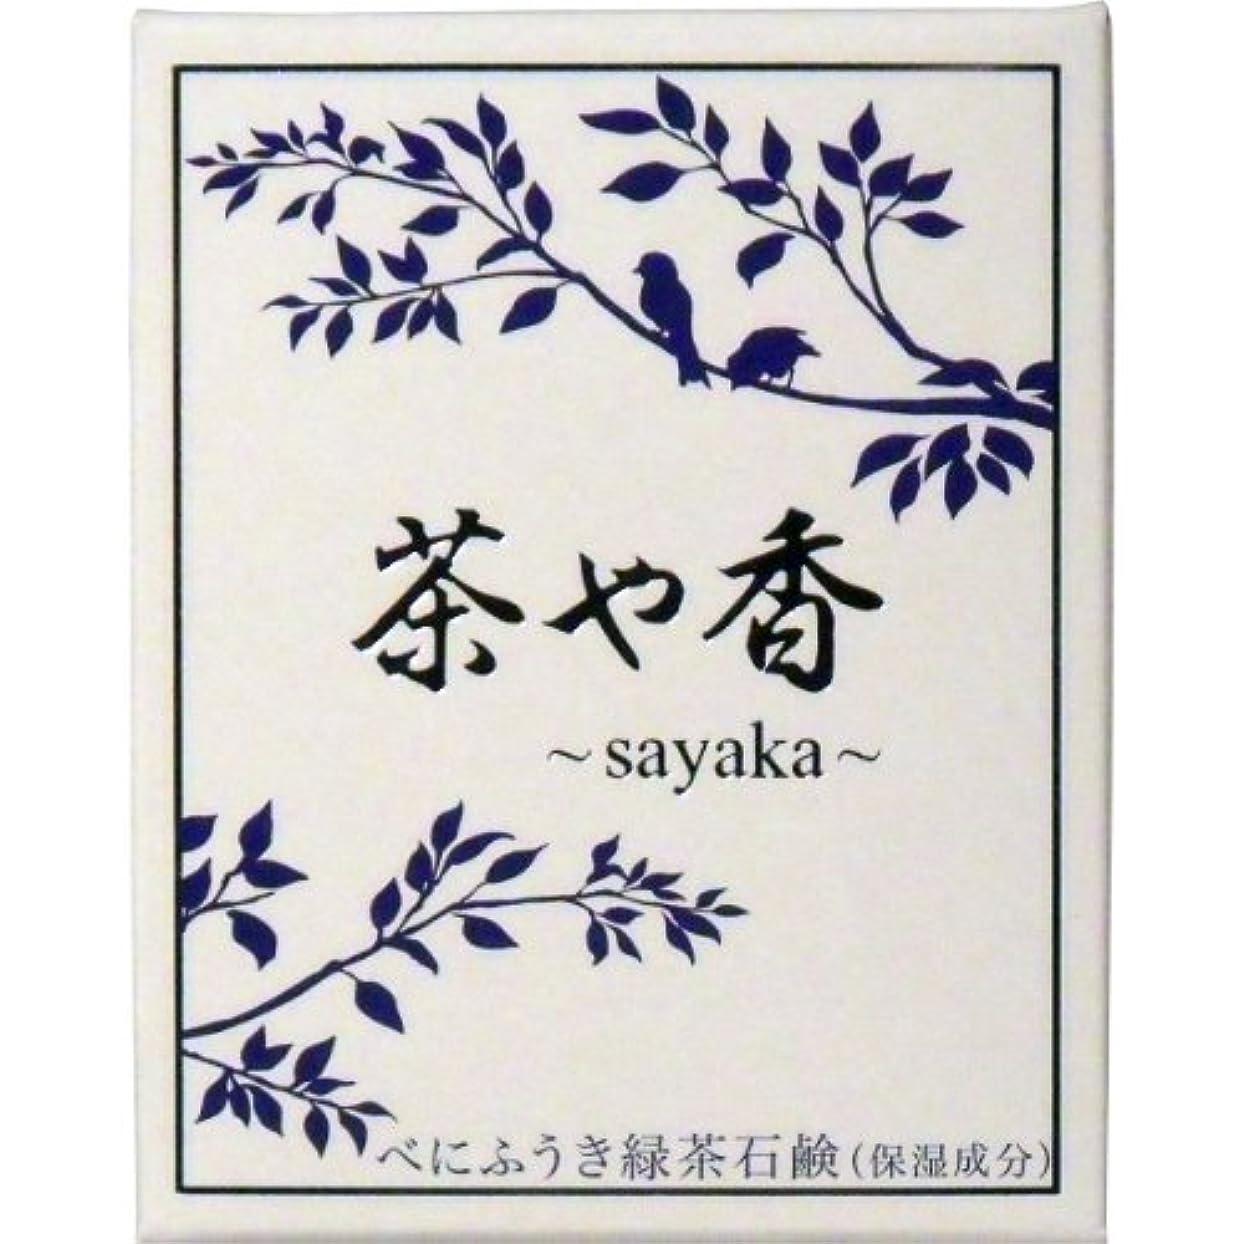 の間で壊す論争的進製作所 べにふうき緑茶石鹸 茶や香~sayaka~ 100g